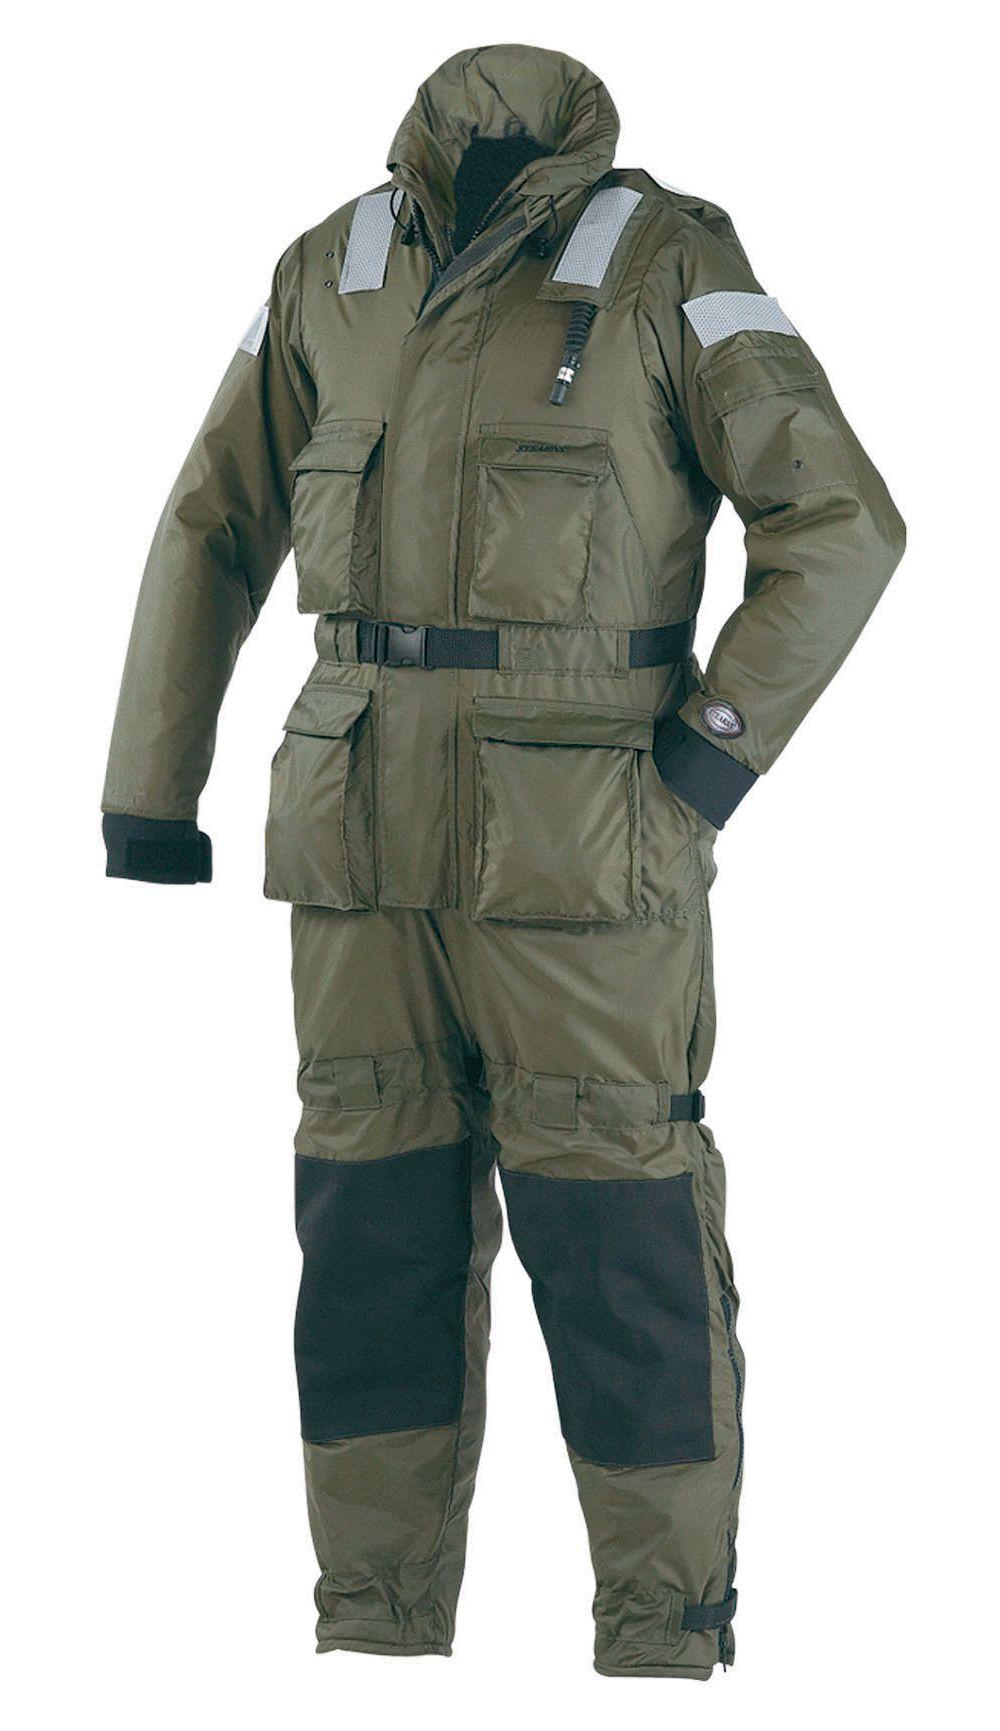 I580 Core-Guard® Anti-Exposure Coveralls